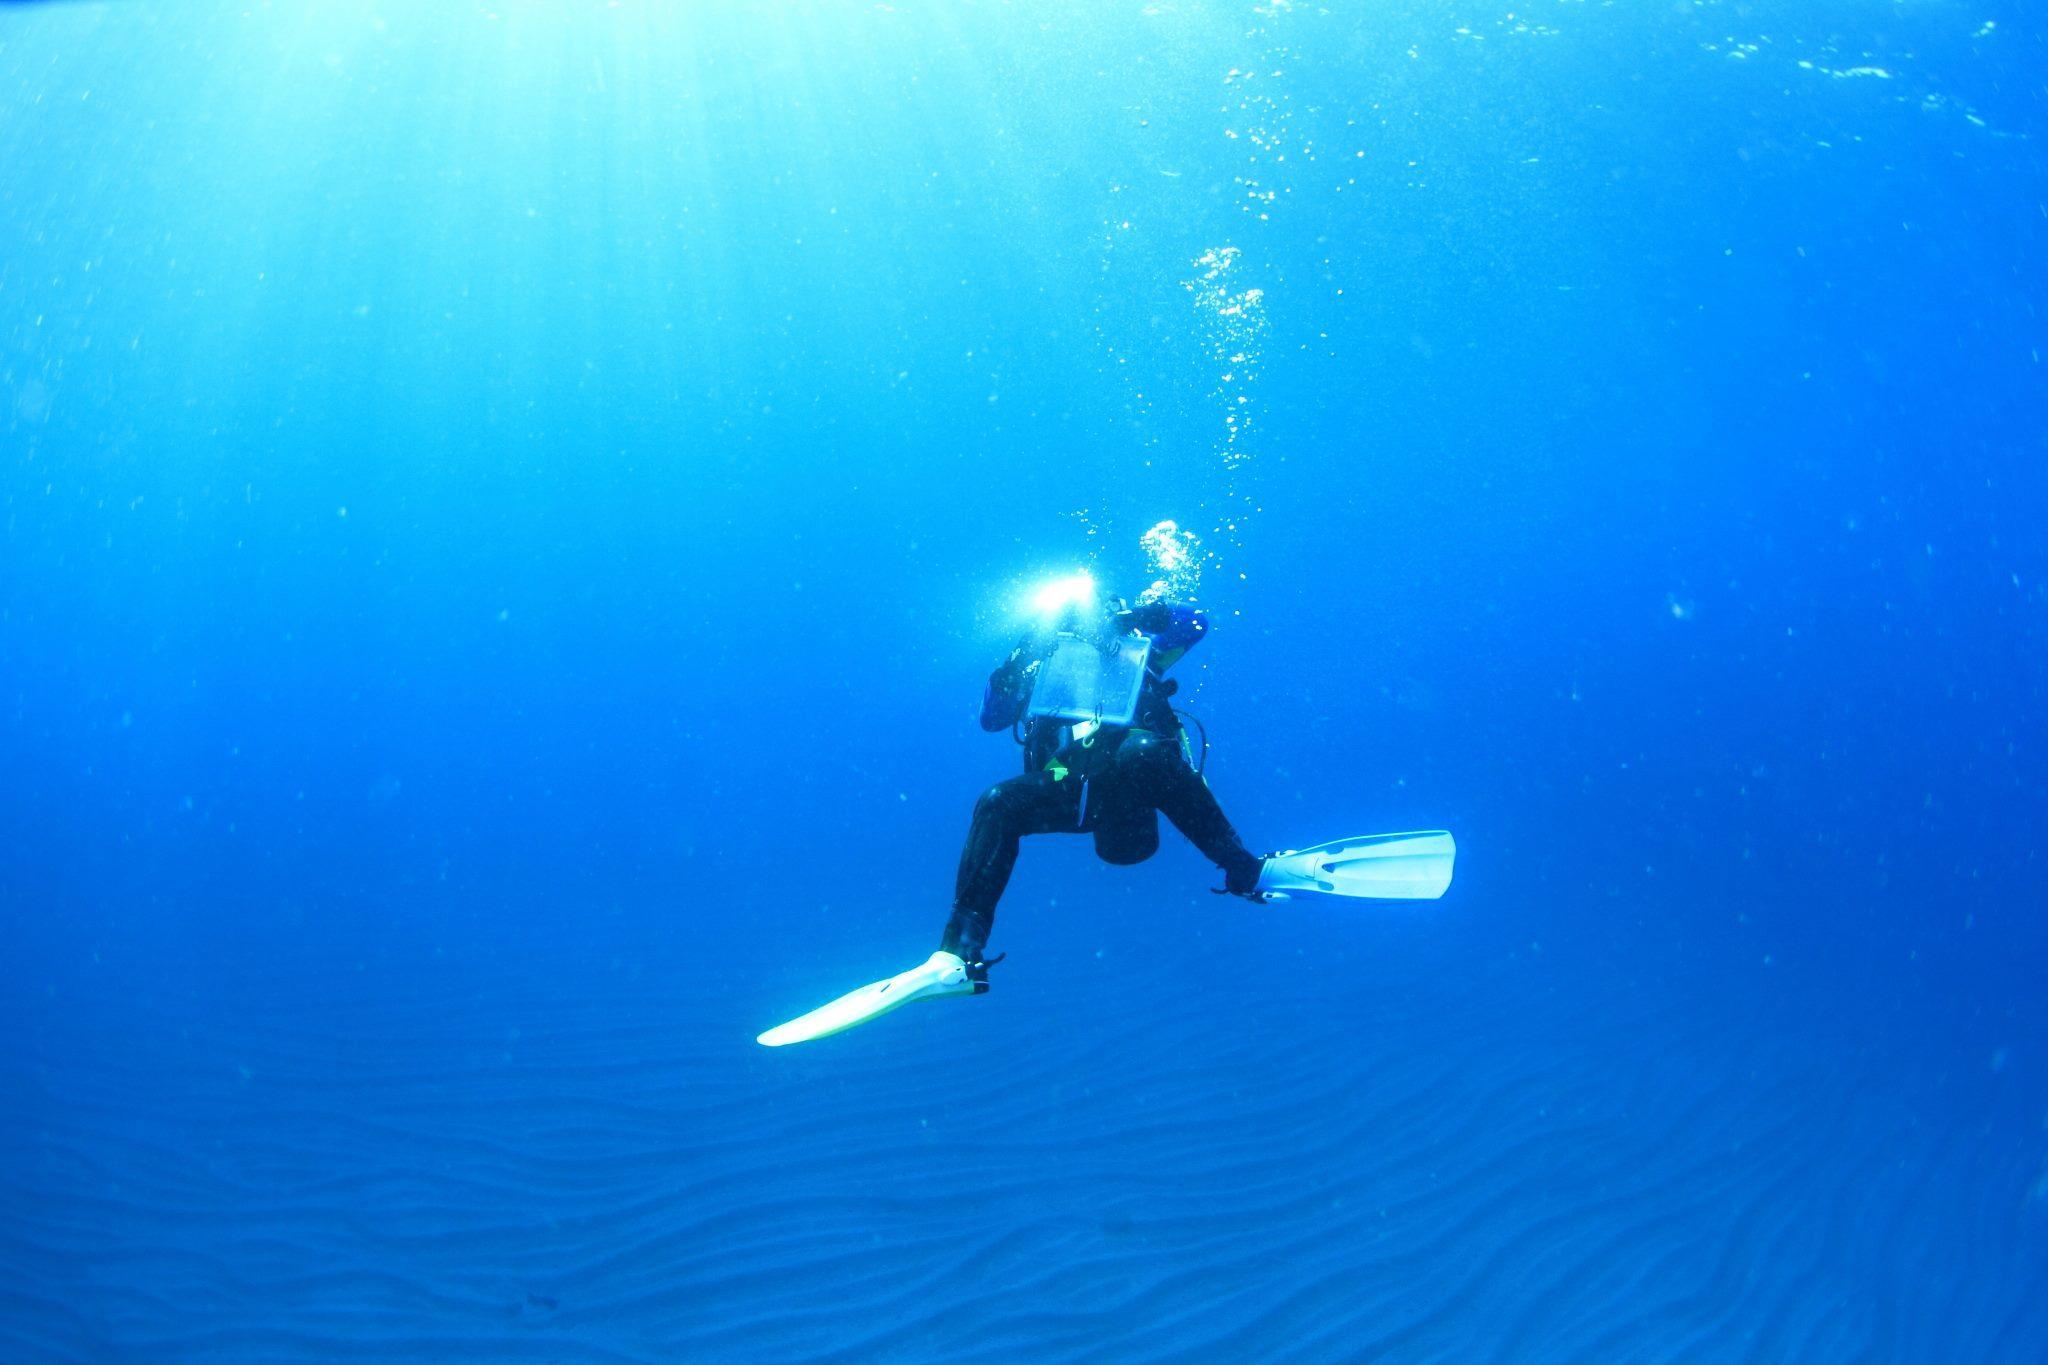 今日も透明度抜群!!もうすぐ1ヶ月クローズするビーチで潜ってきました_f0151886_17142422.jpg